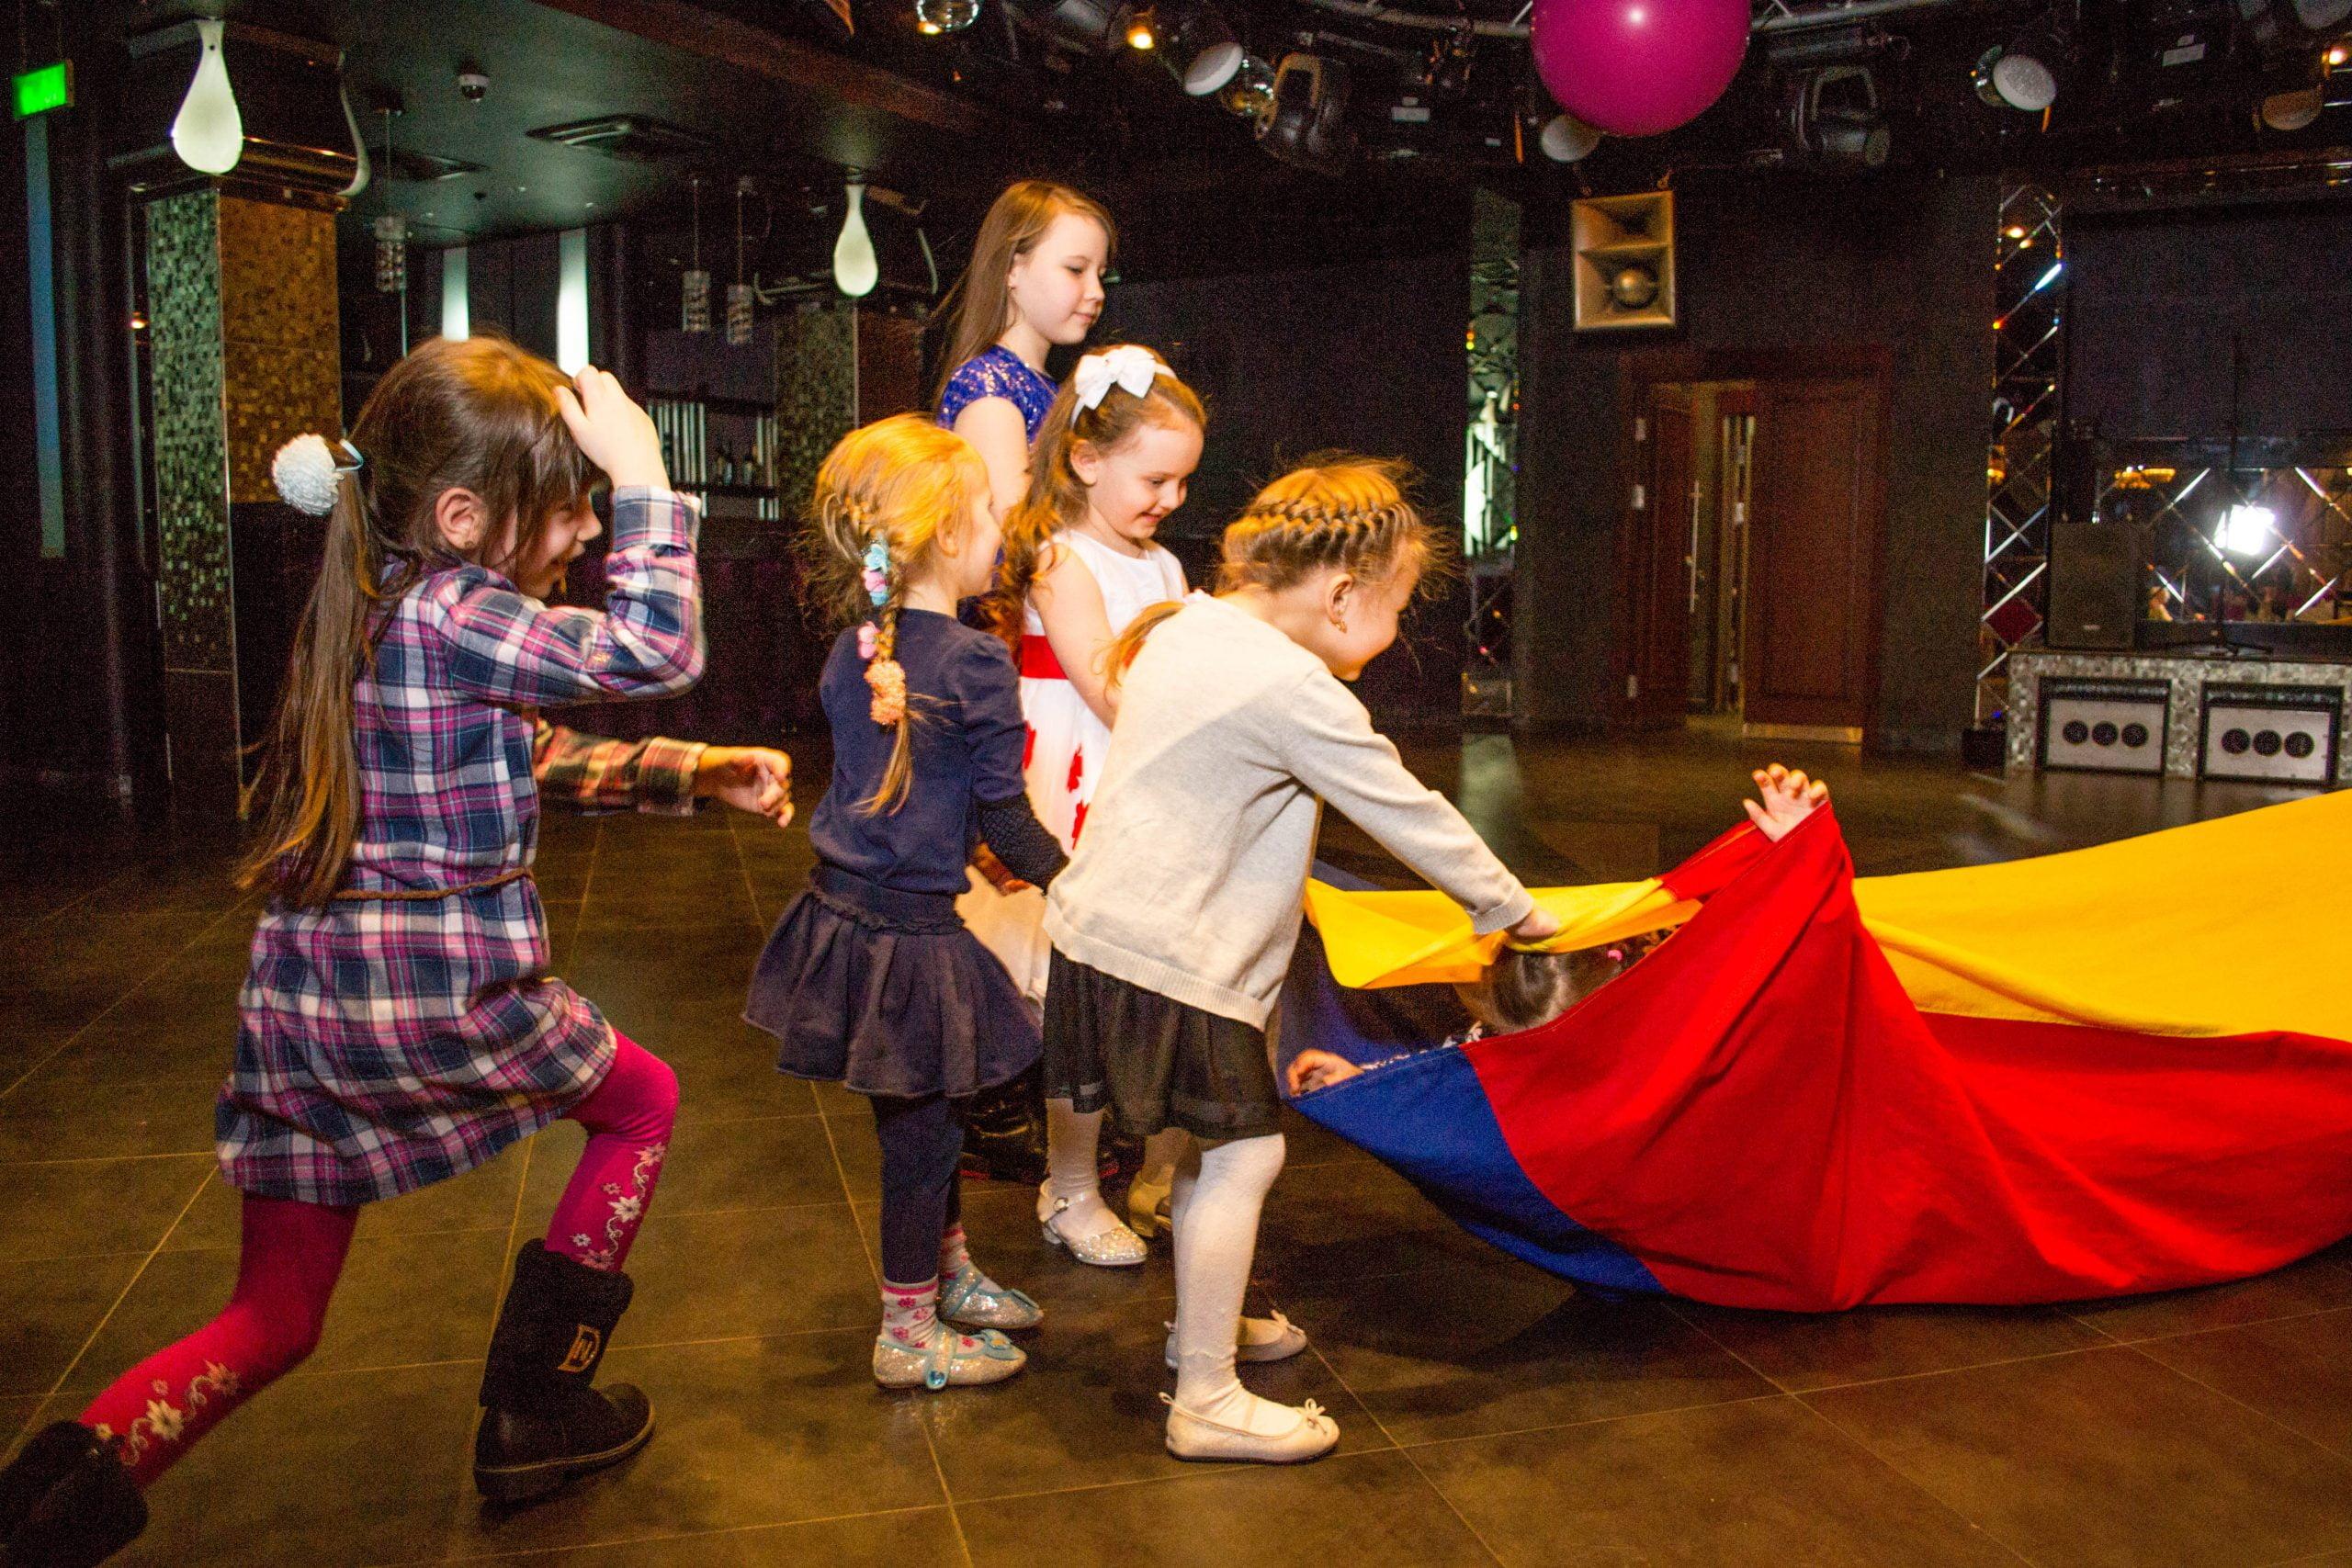 дети играют с игровым реквизитом